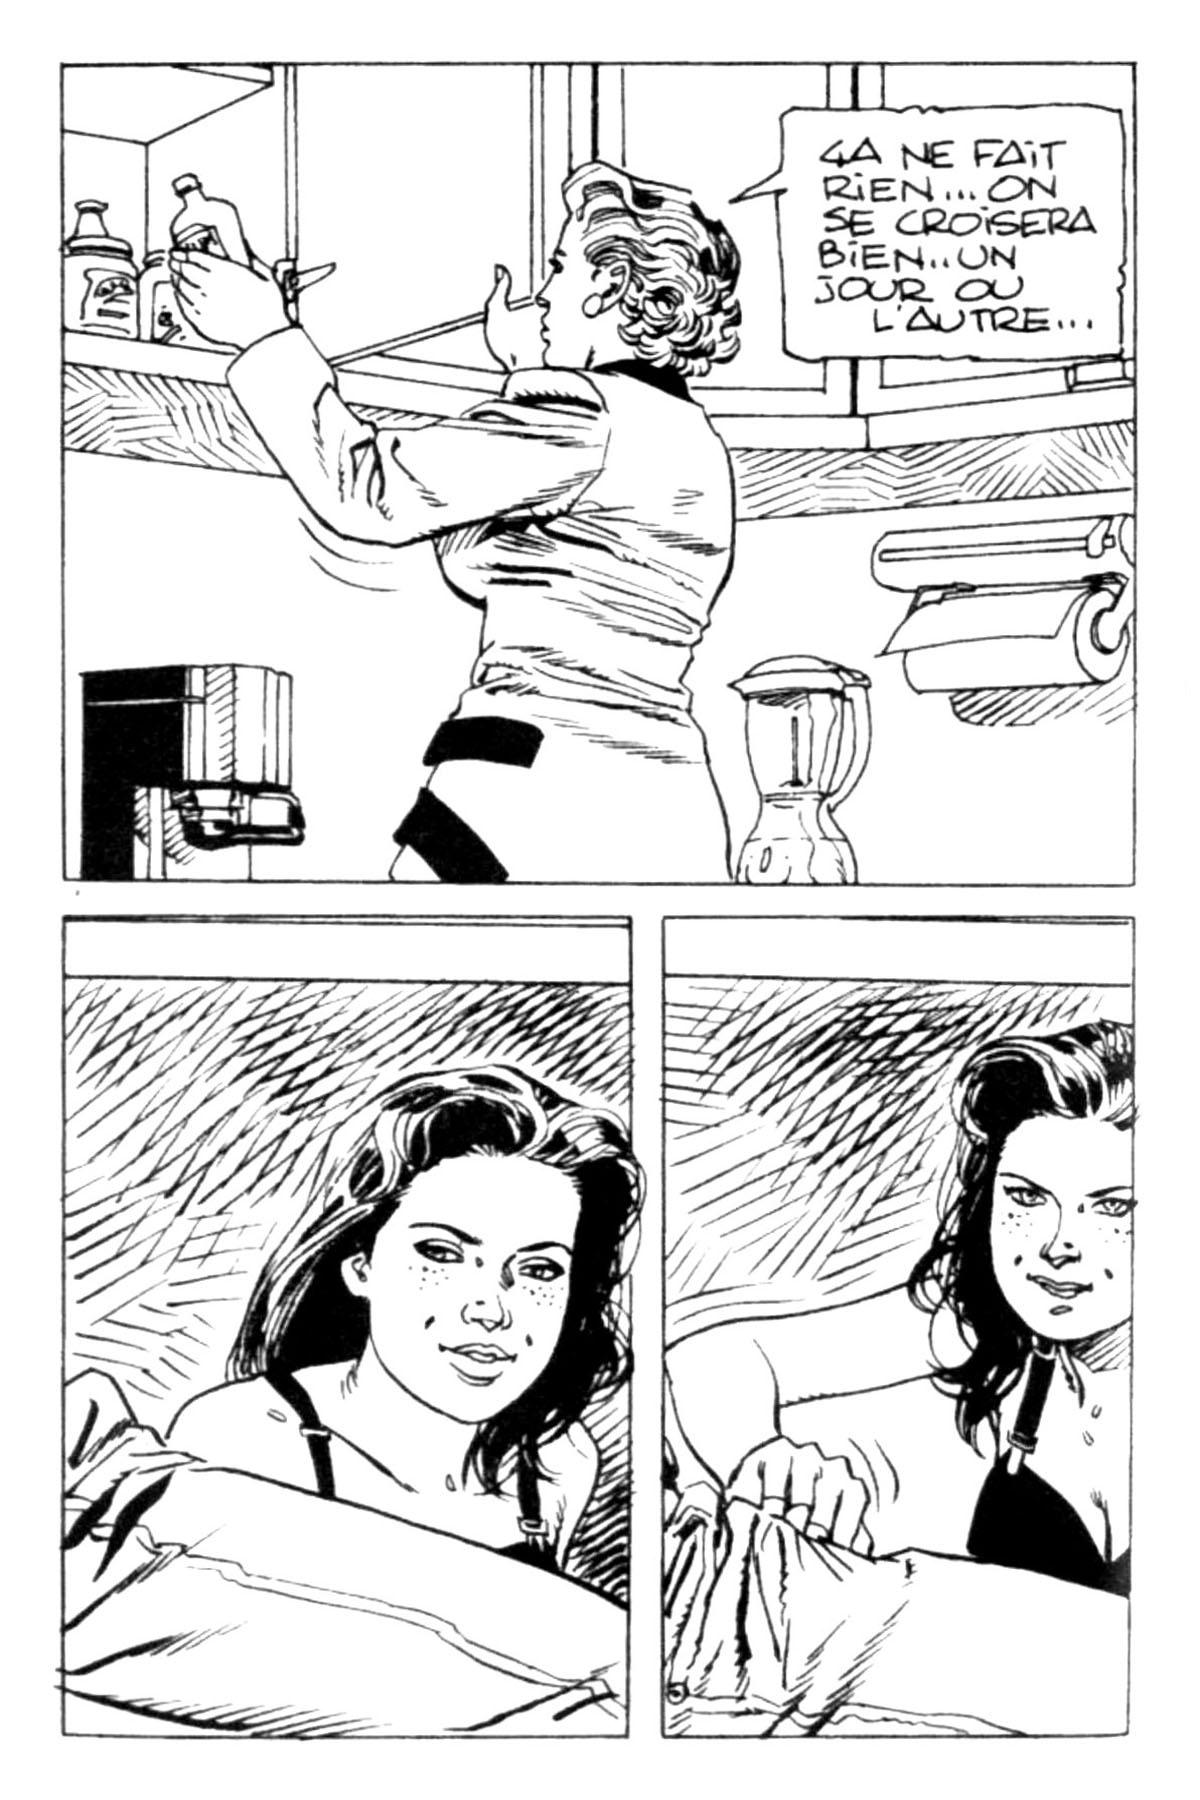 le sexe de bande dessinée facial sexe